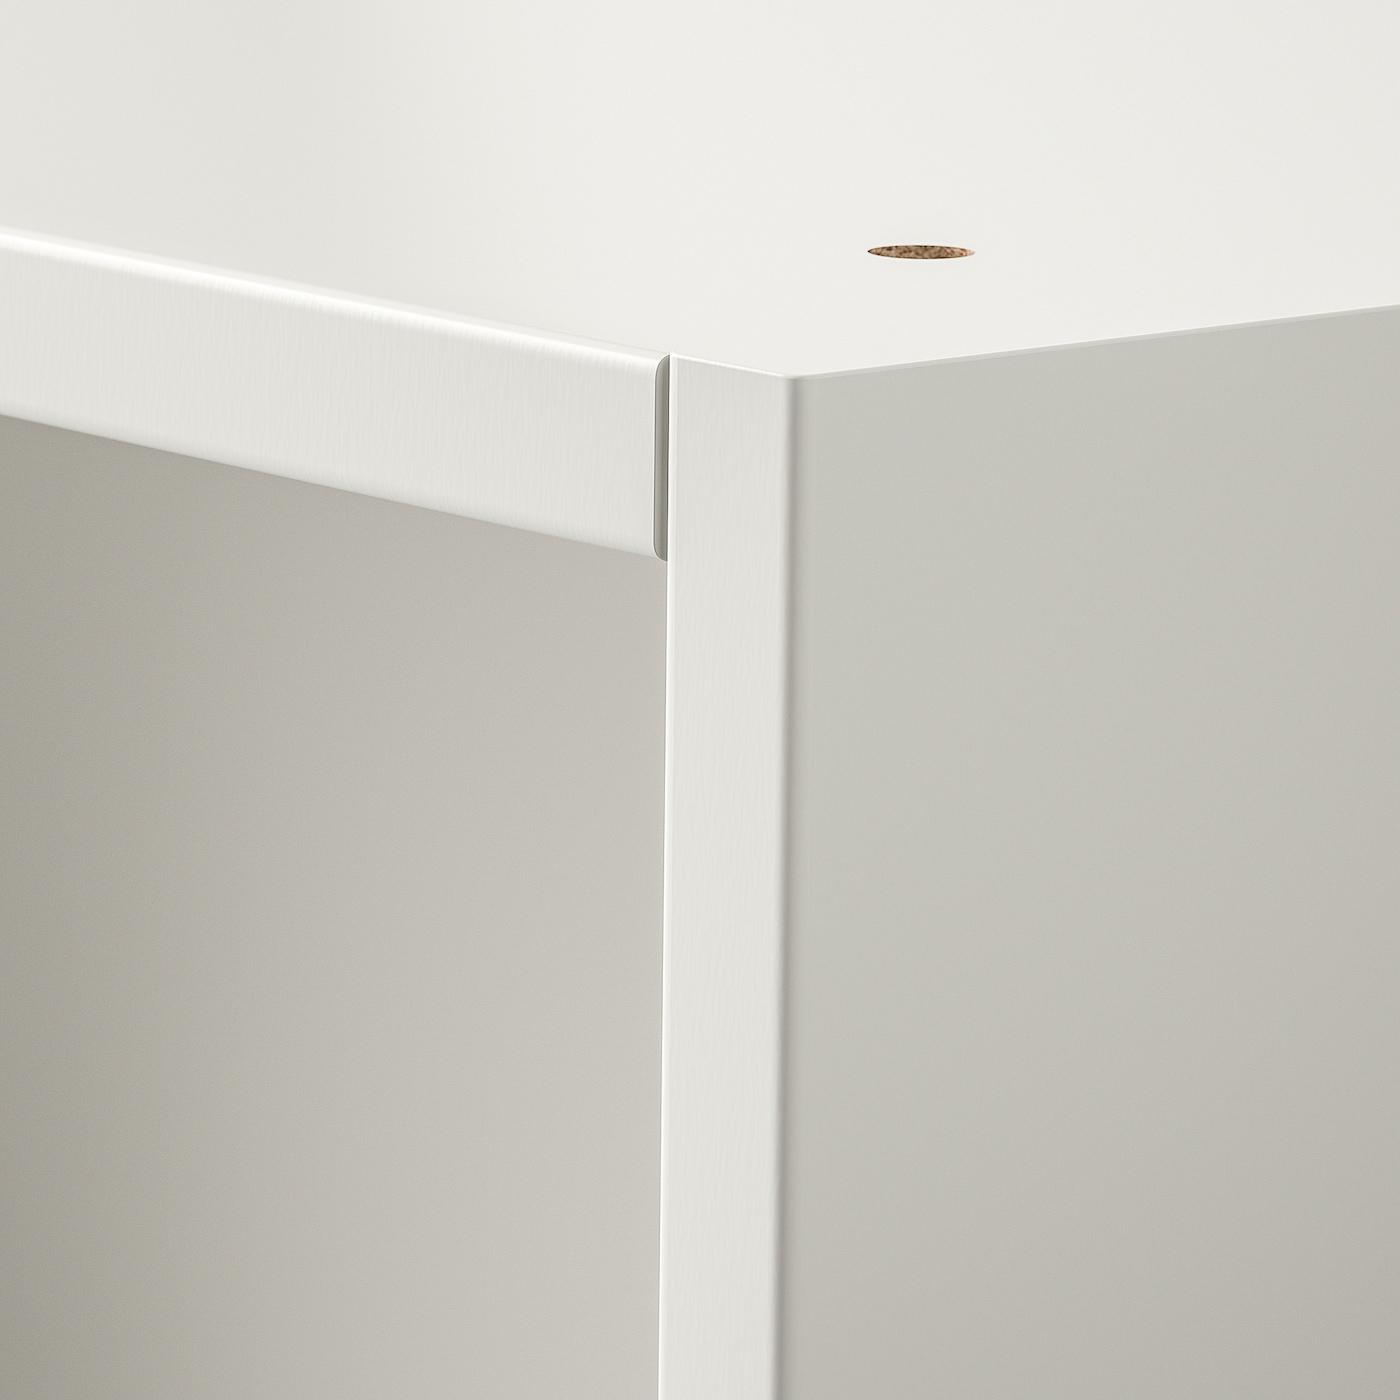 PAX 2 garderobsstommar, vit, 150x35x236 cm IKEA